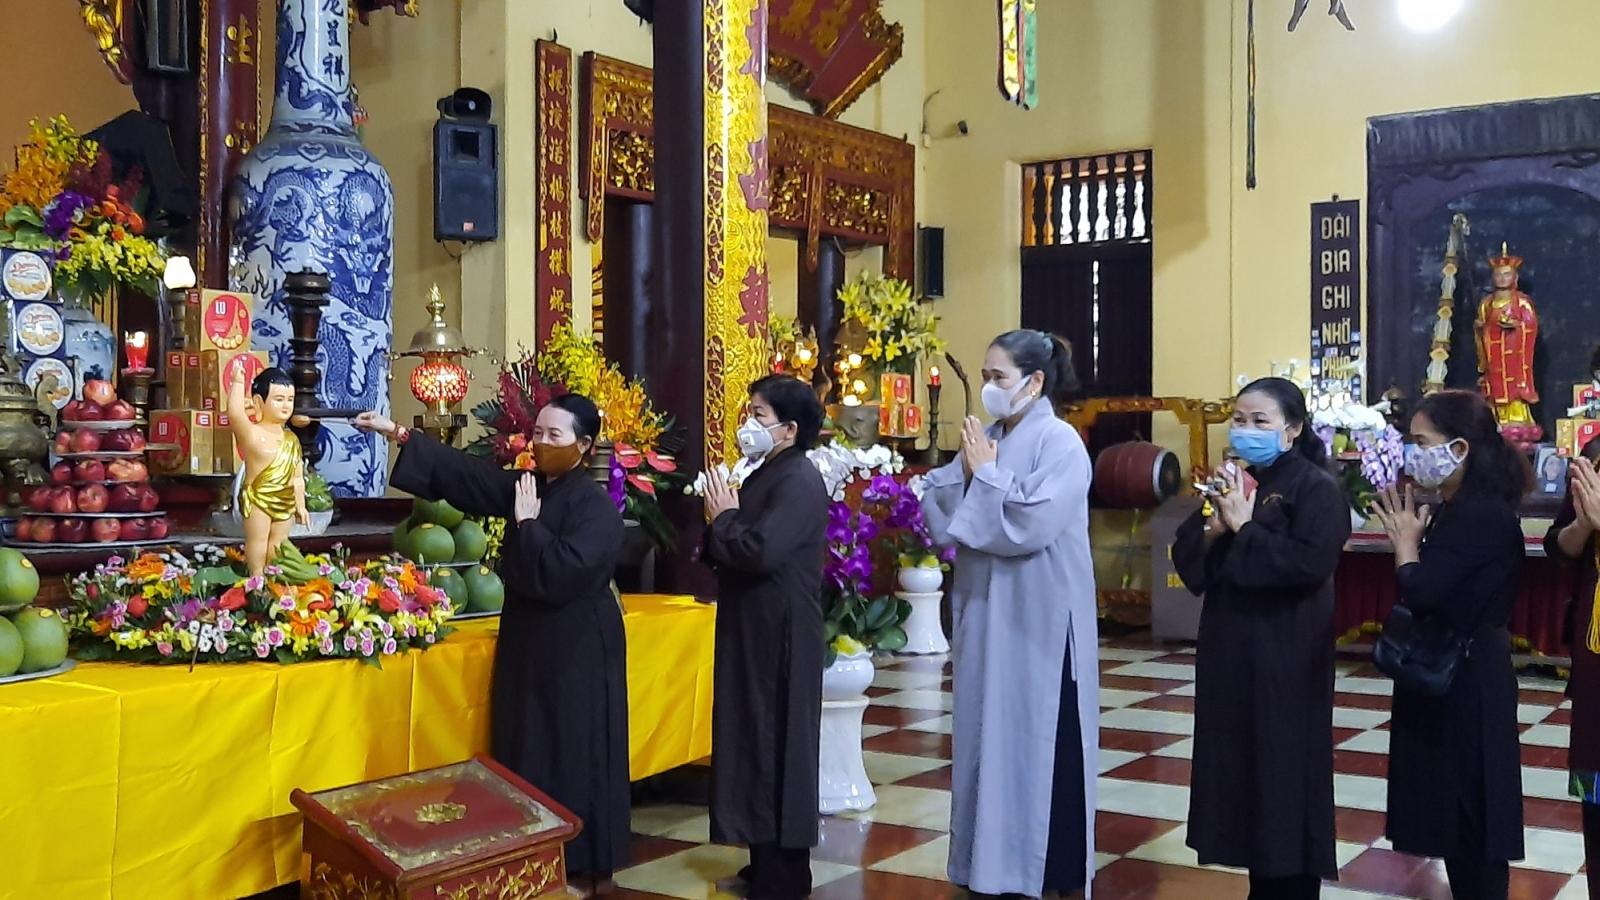 Đại lễ Phật đản năm 2021 tại Việt Nam sẽ được tổ chức như thế nào?